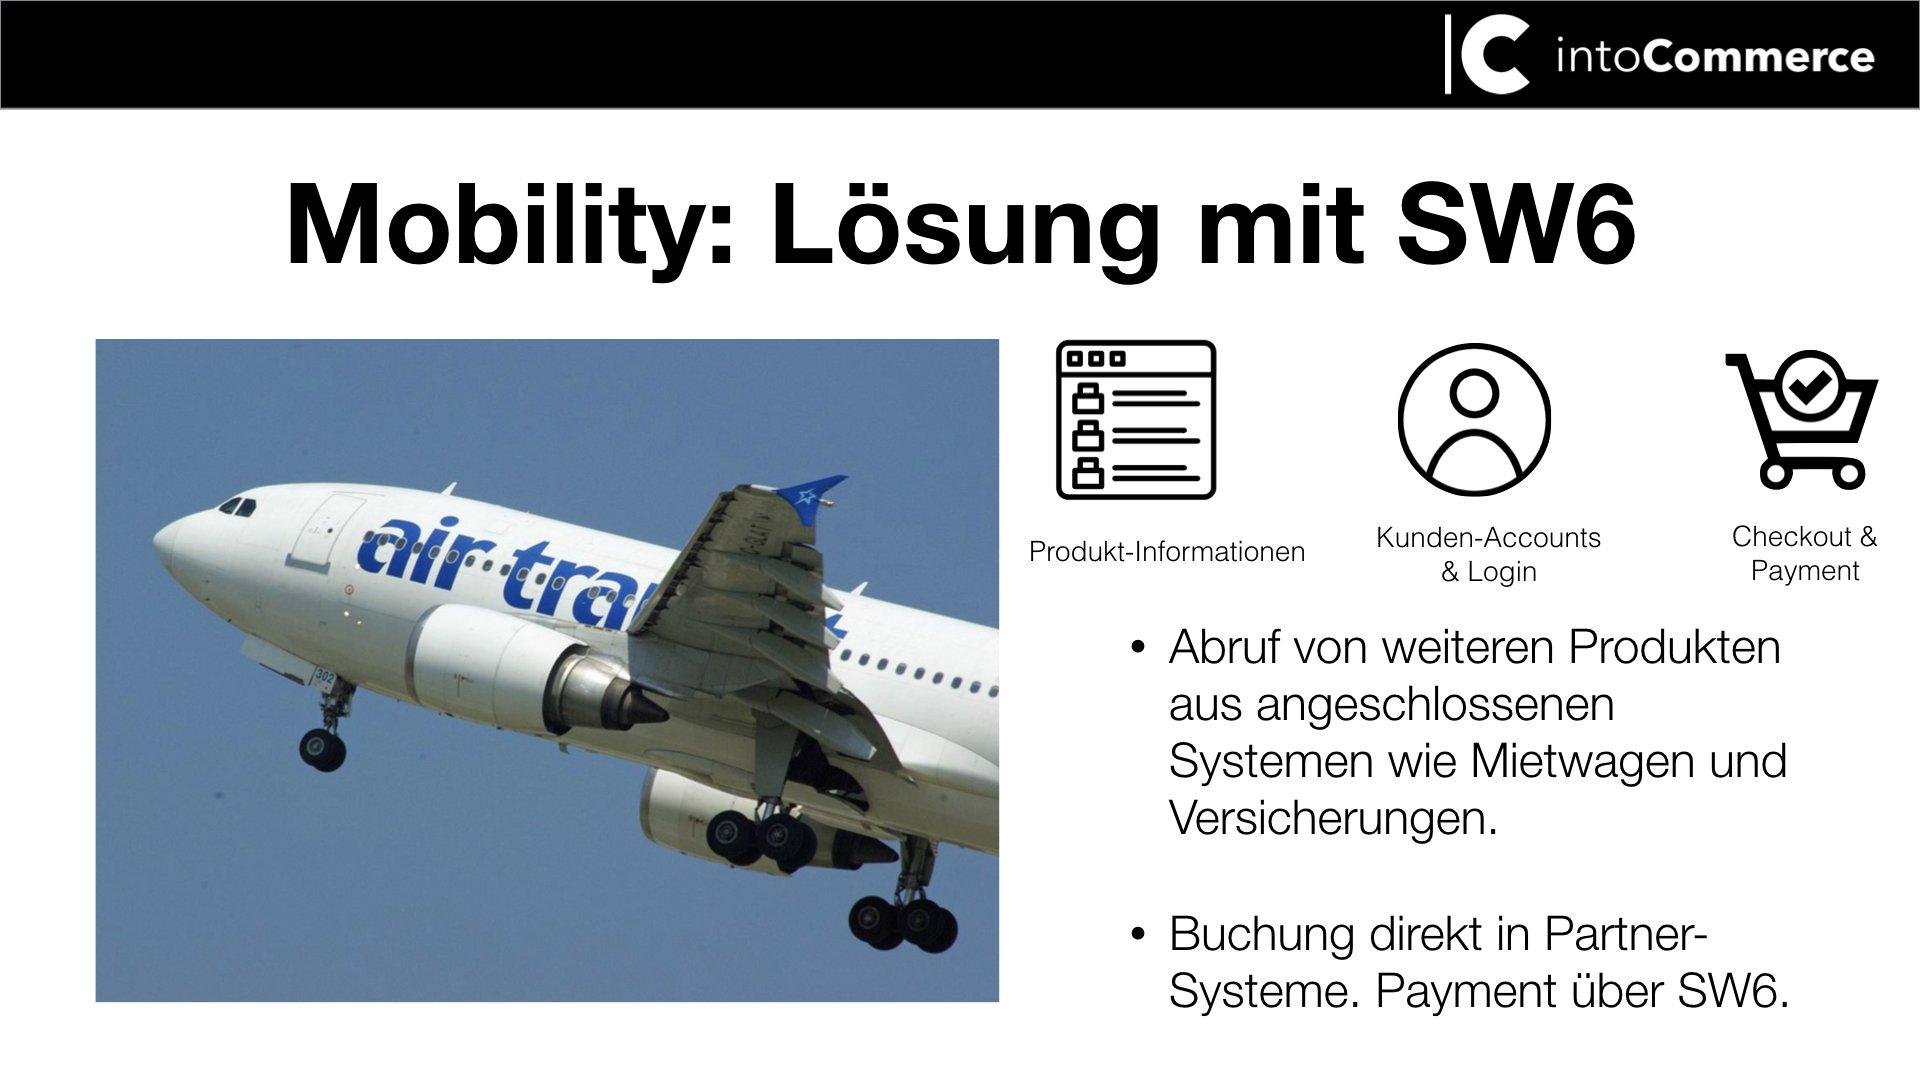 fliegendes Flugzeug titel Mobility mit SW6